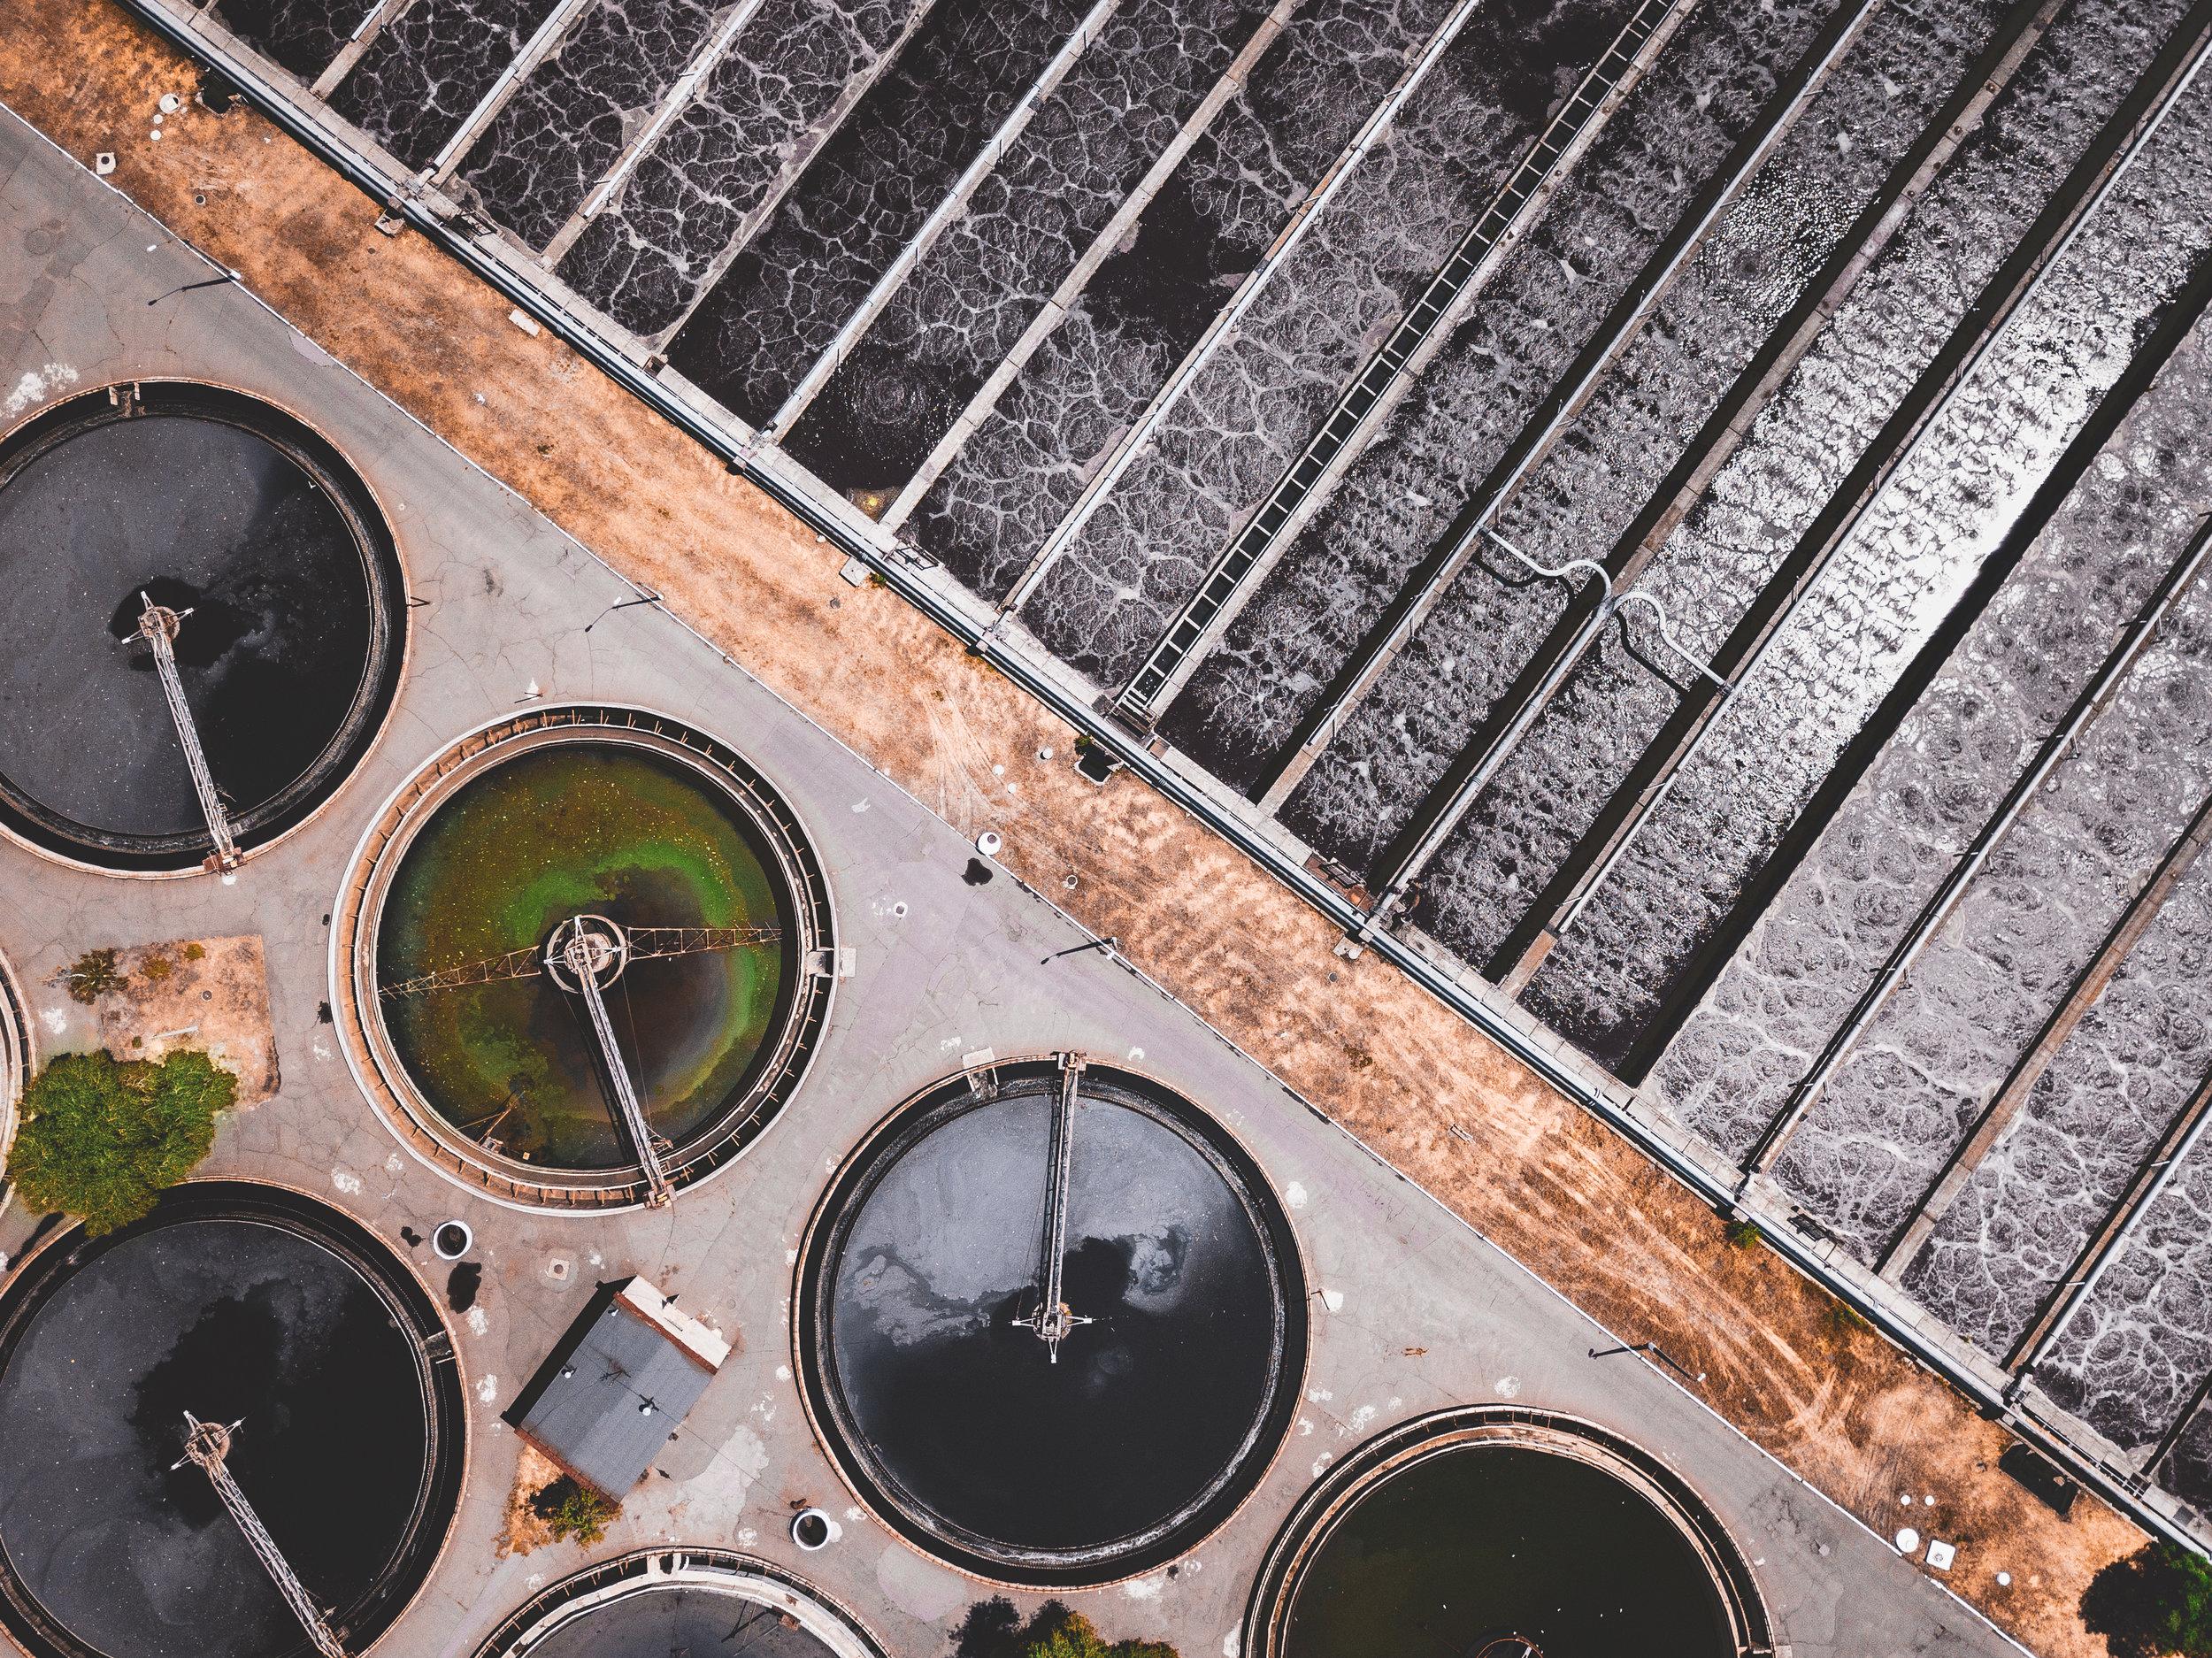 SUb-thema's - Duurzaam energiemanagementEnergiemanagement in KMO en industrie(Energie)technieken in gebouwenICT en energietechnologieGesloten teelt: Indoor Farming en GlastuinbouwMilieutechnologie - WaterSmart Building and livingSustainable Energy and Water Management